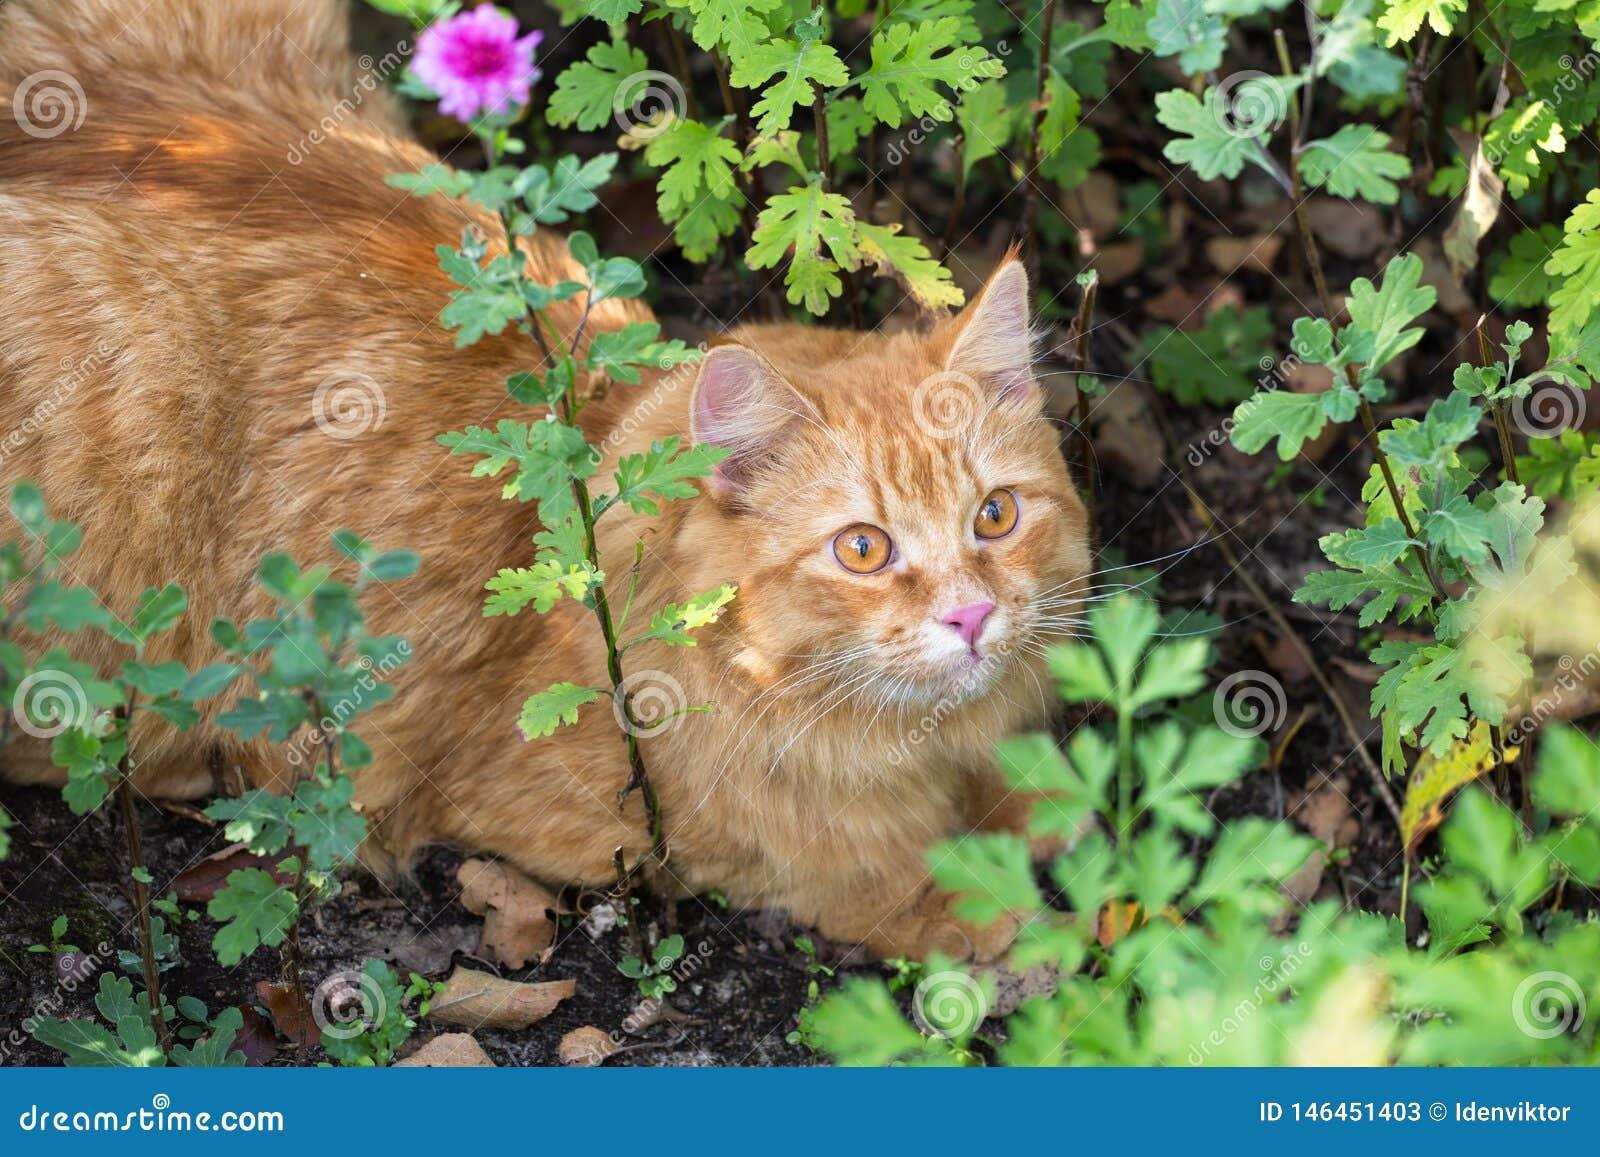 Retrato anaranjado hermoso del gato con mirada de la penetración al aire libre en naturaleza en hierba verde